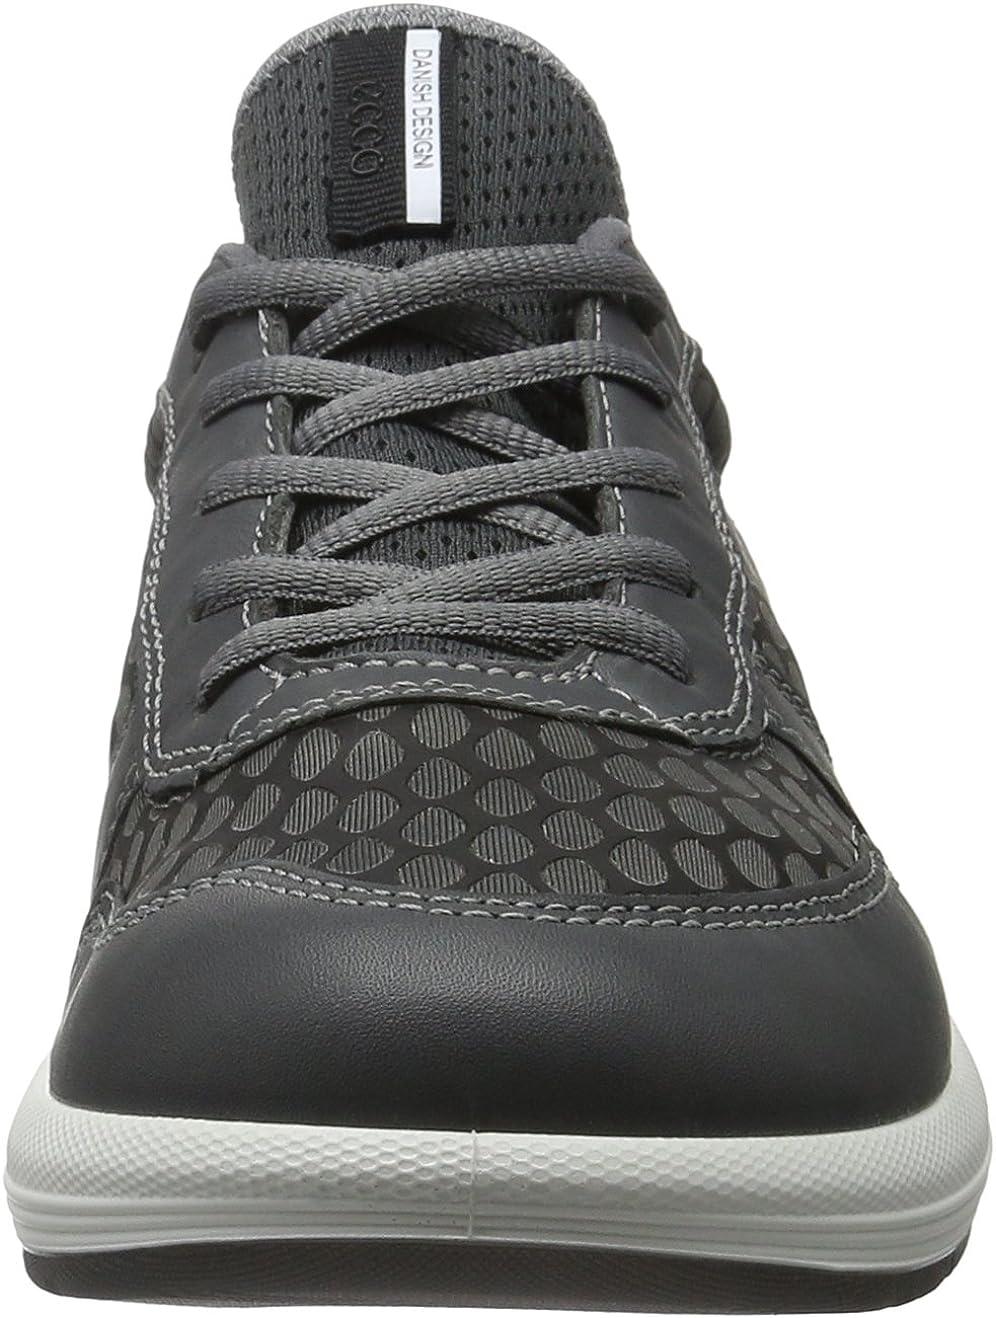 ECCO Men's Cs16 Low-top Grey Dark Shadow Dark Shadow56586